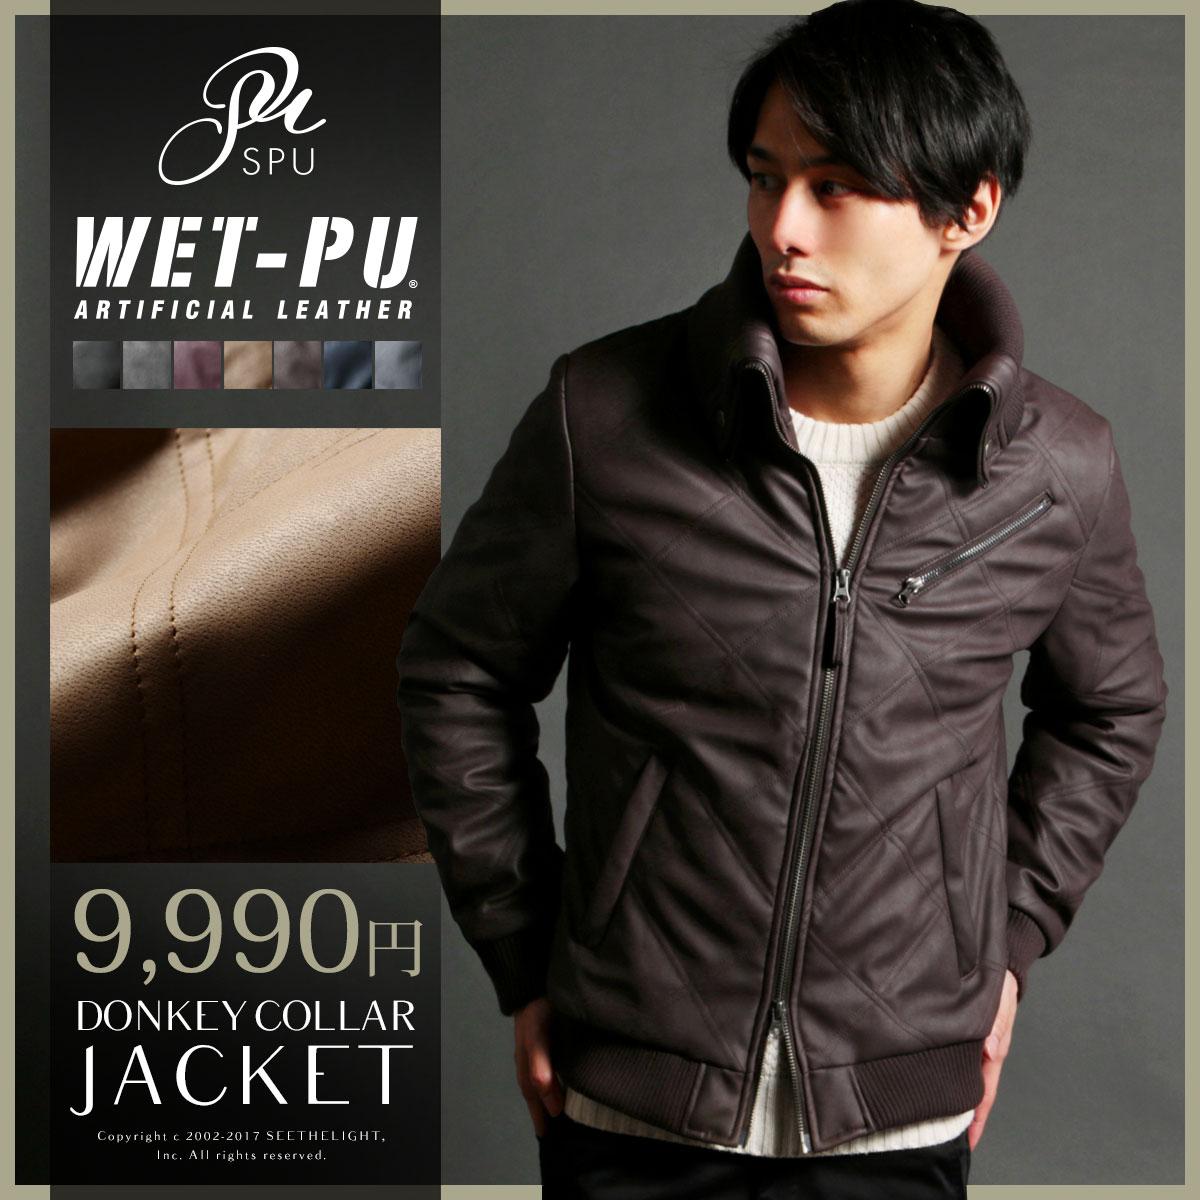 WET-PU 中綿 ドンキー襟 ジャケット アウター SPU スプ〓予約販売・11月下旬頃発送予定〓